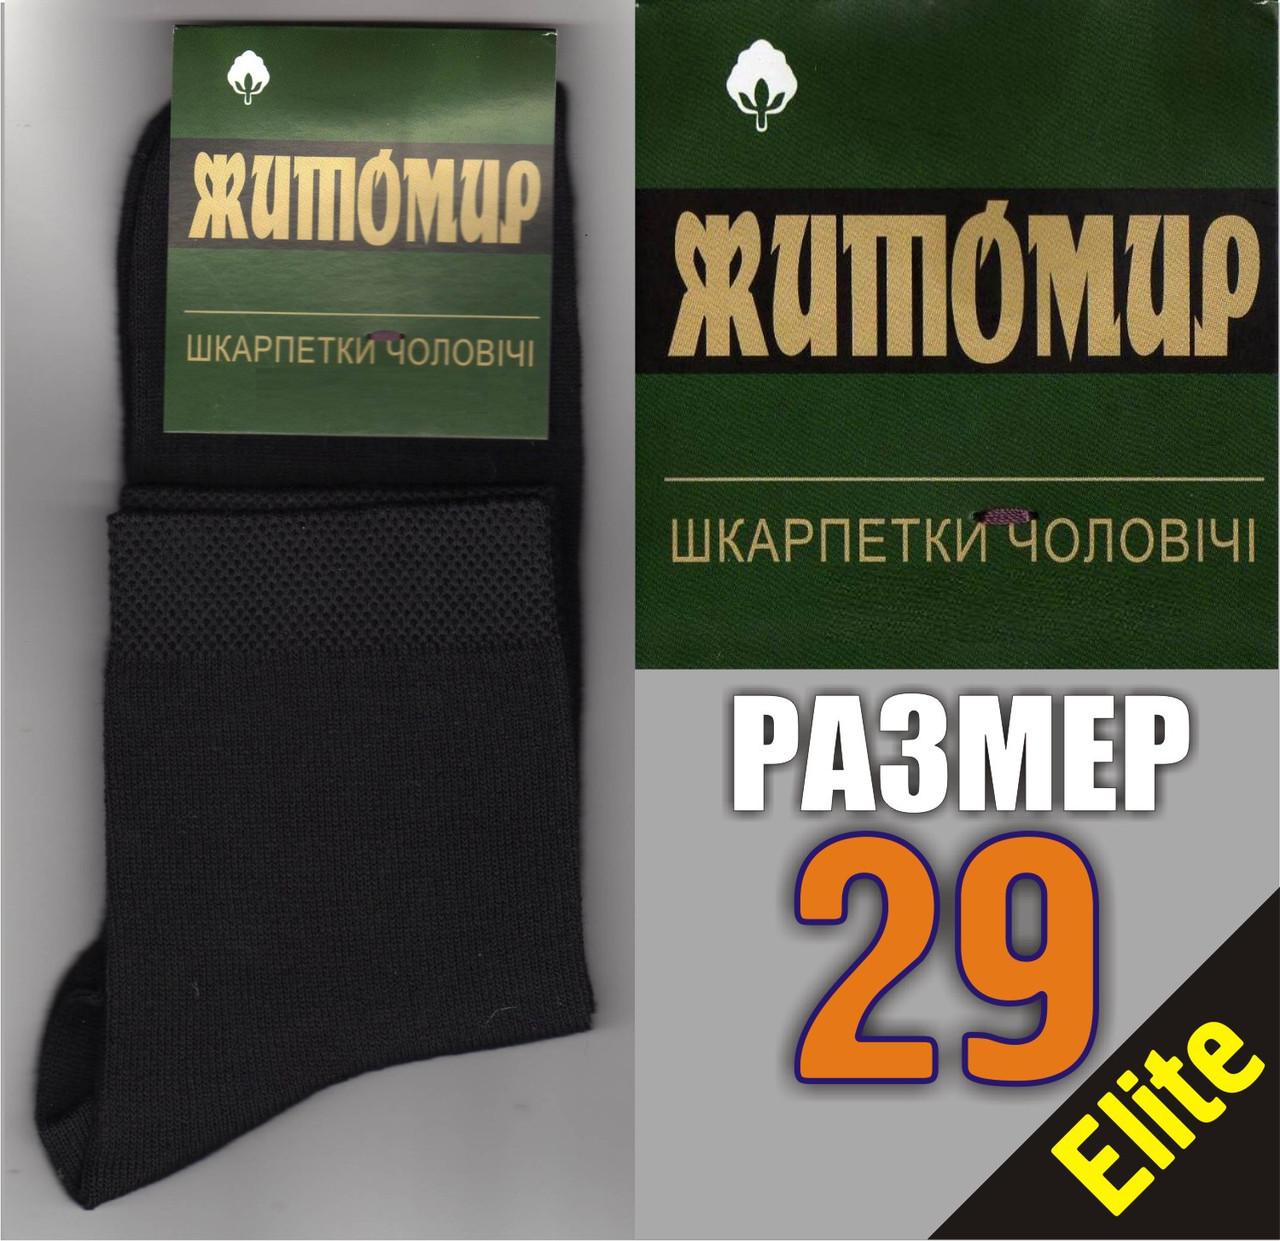 Однотонно-чёрные мужские носки демисезонные Житомир Elite Украина, 29р. НМД-0583, фото 1